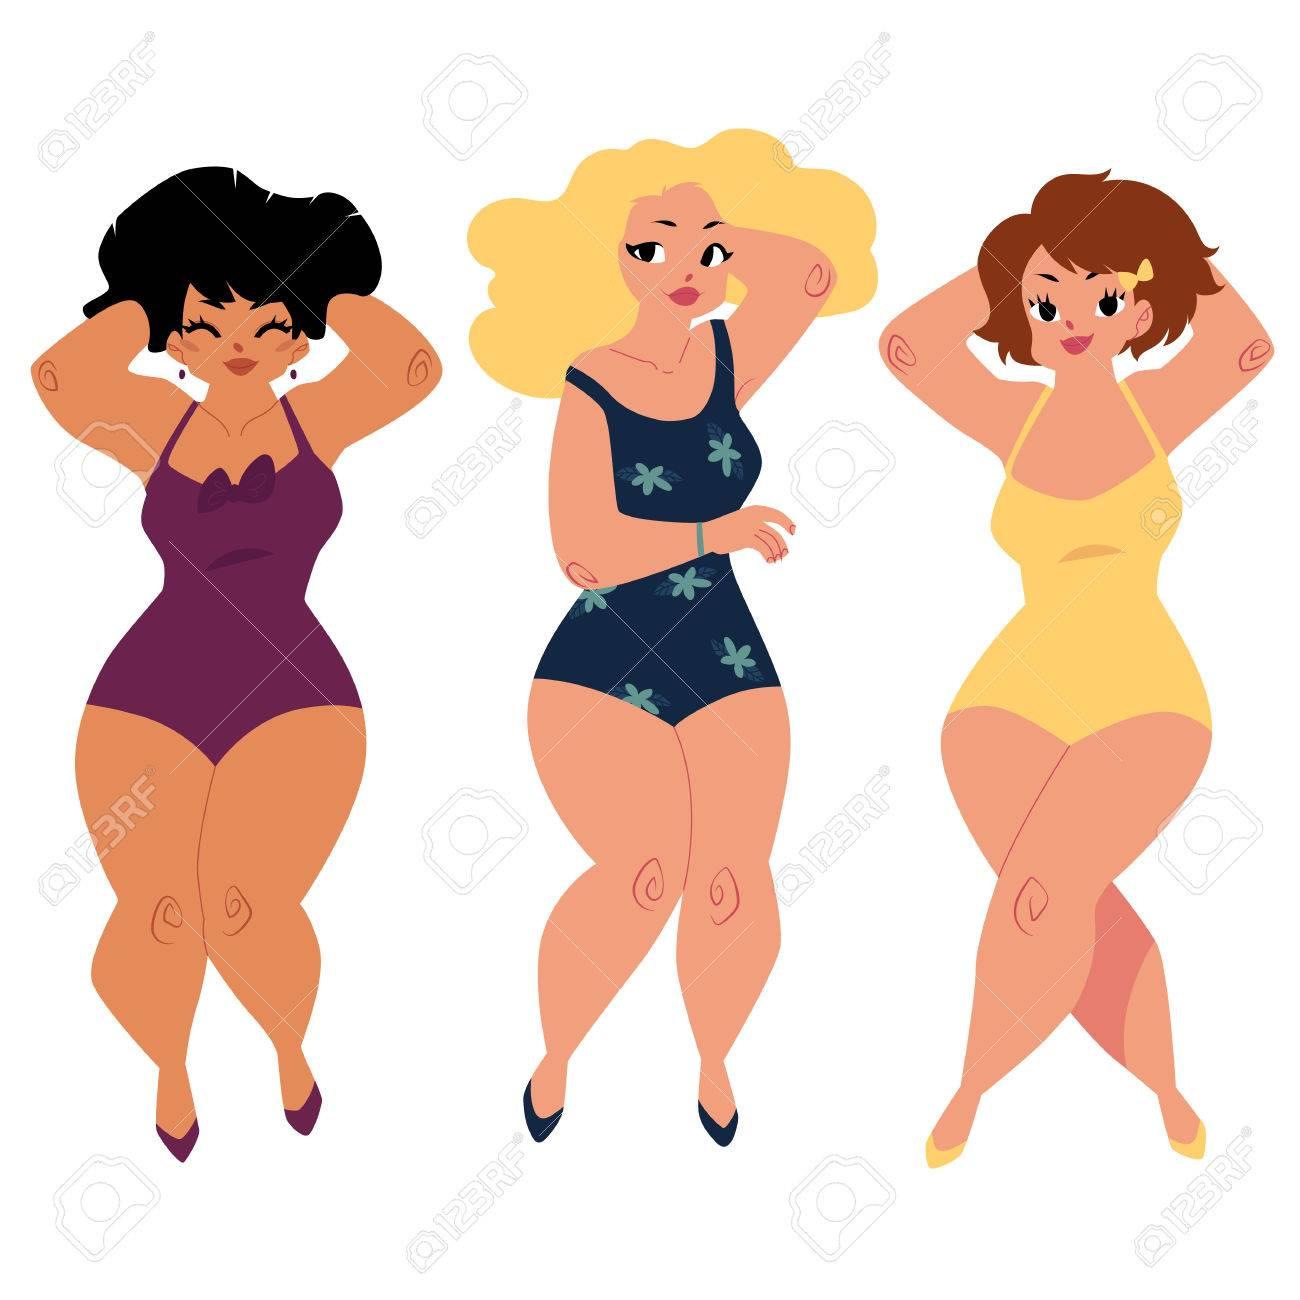 Trois Femmes Grasses Courbées Des Filles Des Modèles De Taille Plus En Costumes De Bain Une Illustration Vectorielle De Dessin Animé Haut De Page